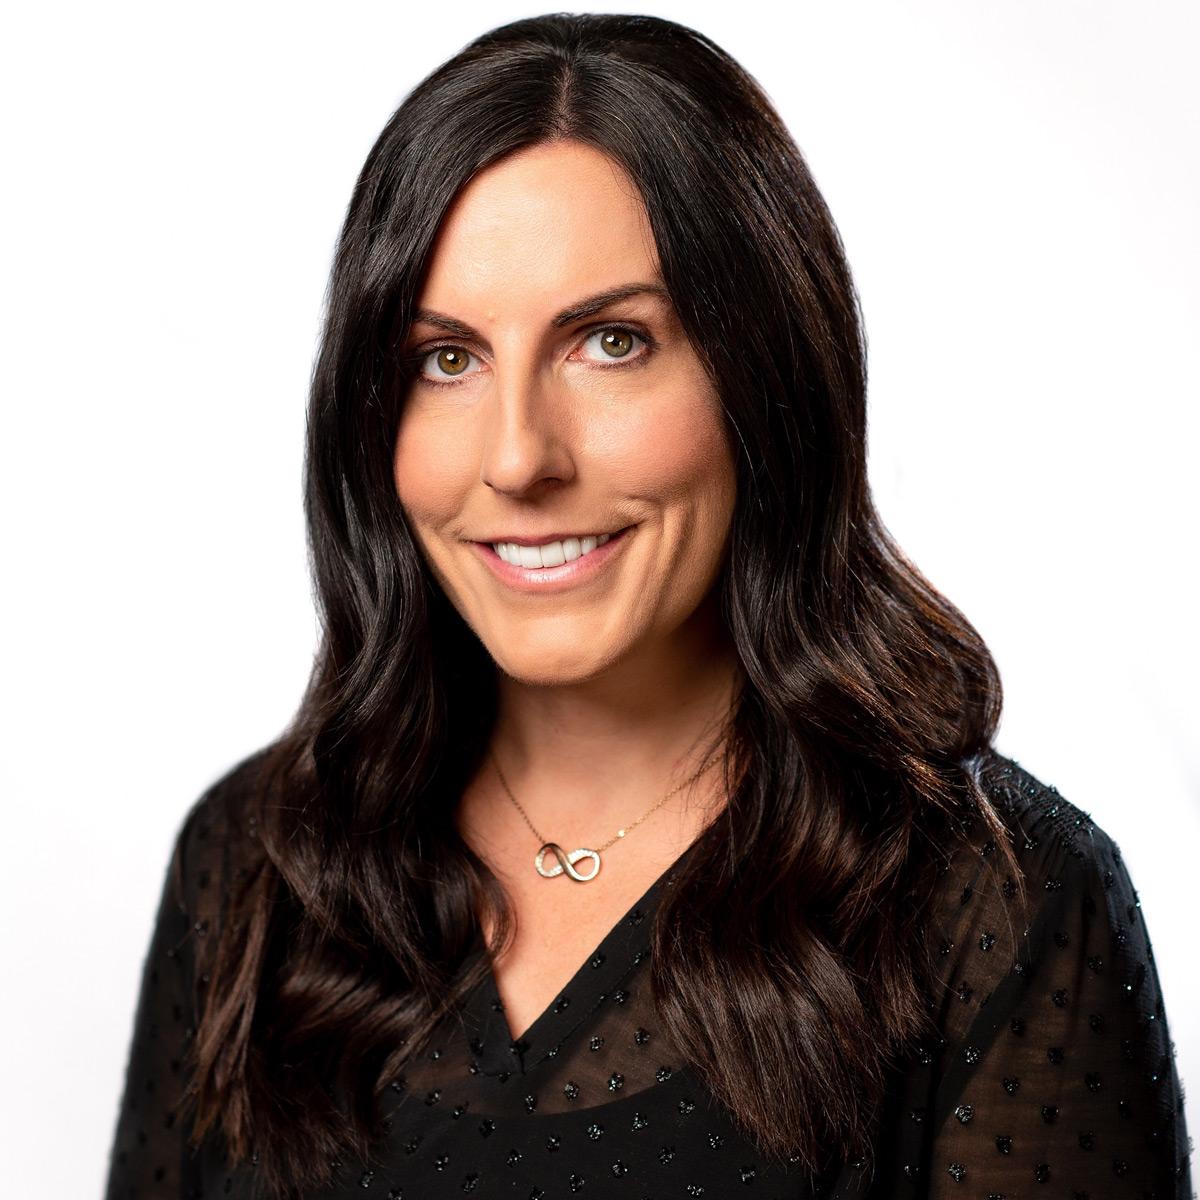 Janna Schrottner